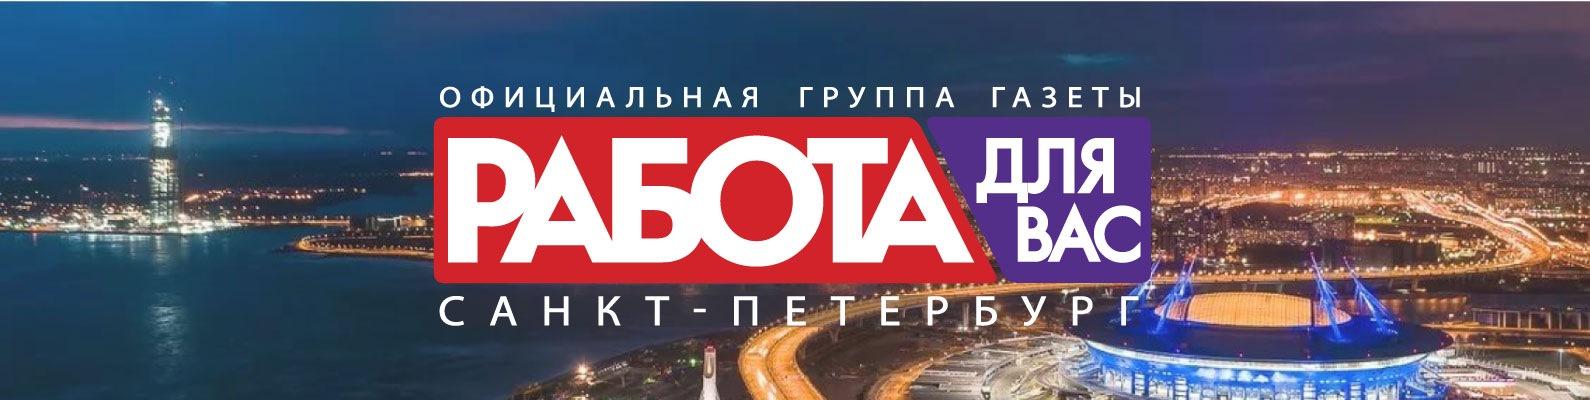 23f93a5066116 Работа для Вас в СПб | ВКонтакте